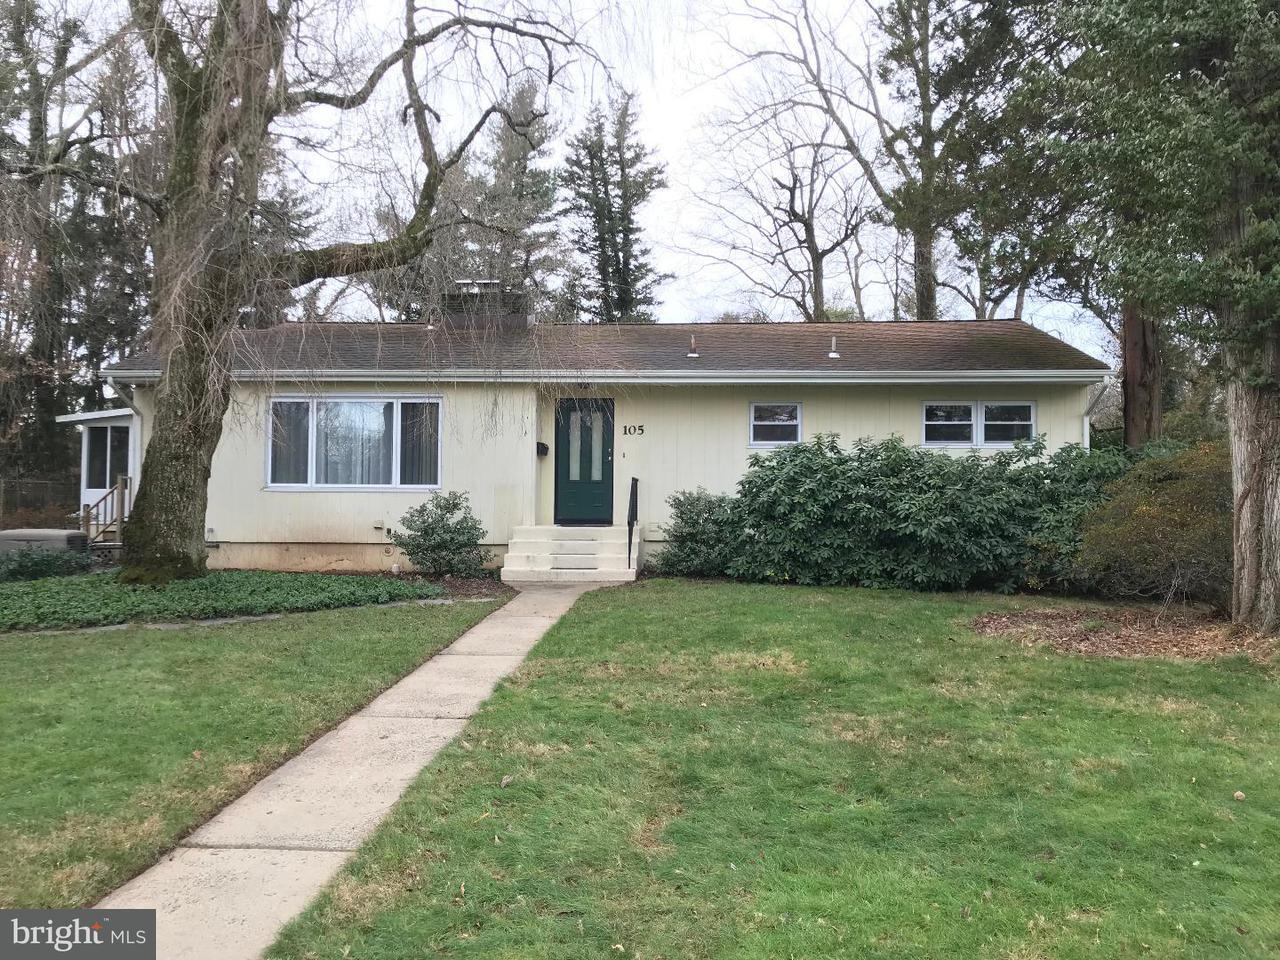 Maison unifamiliale pour l à louer à 105 LONGVIEW Drive Princeton, New Jersey 08540 États-UnisDans/Autour: Princeton